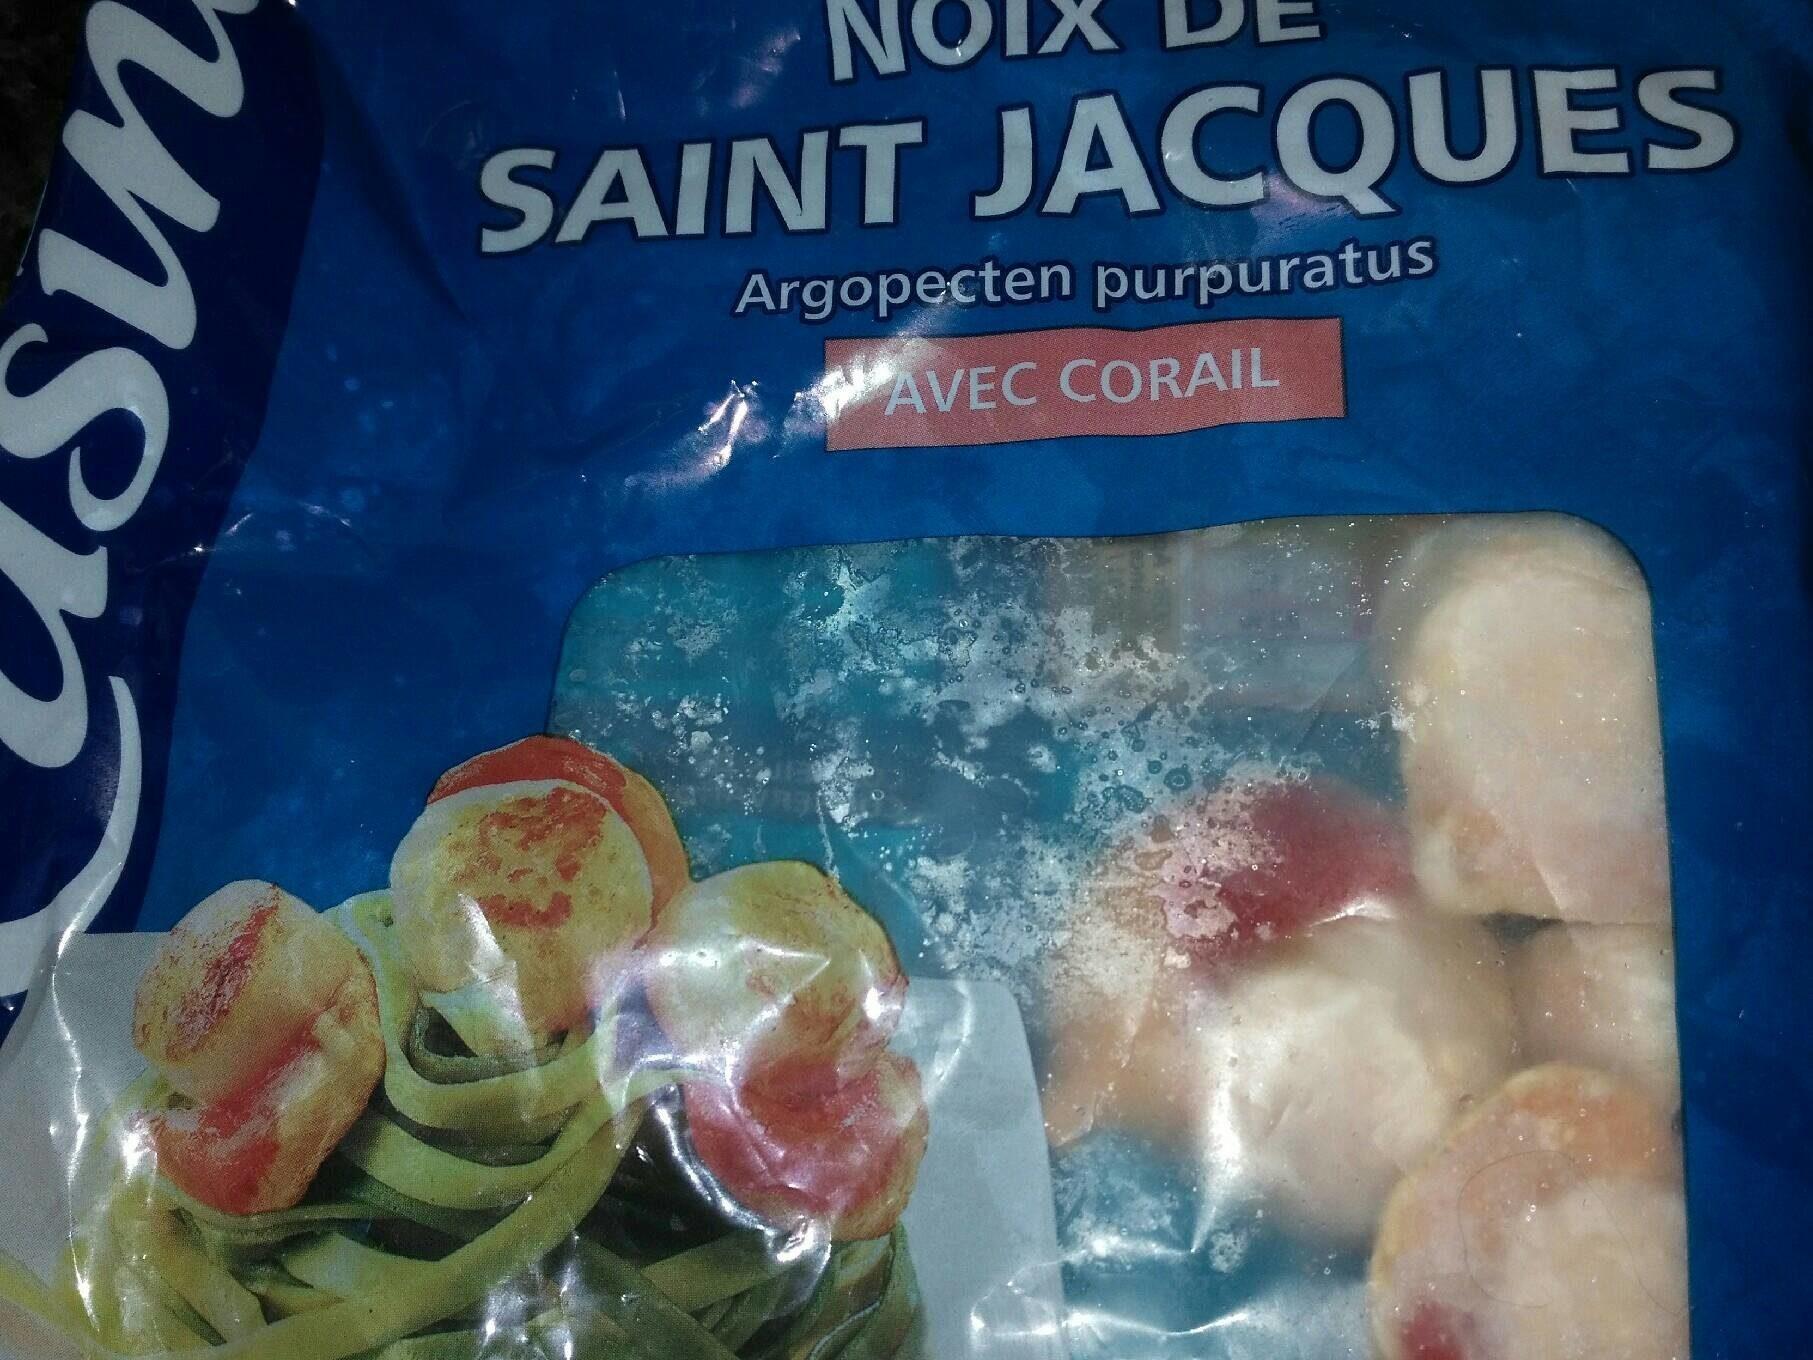 Noix de Saint Jacques avec corail - Produkt - fr